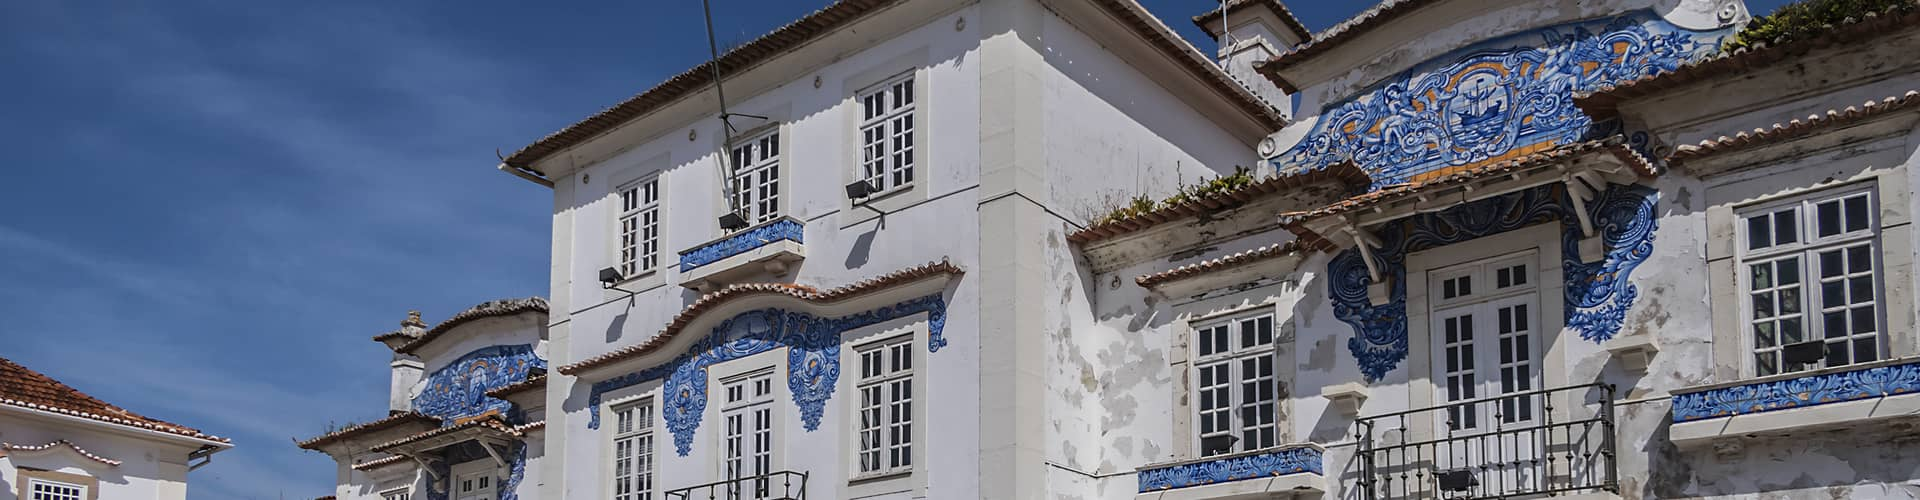 Kamperen in Aveiro